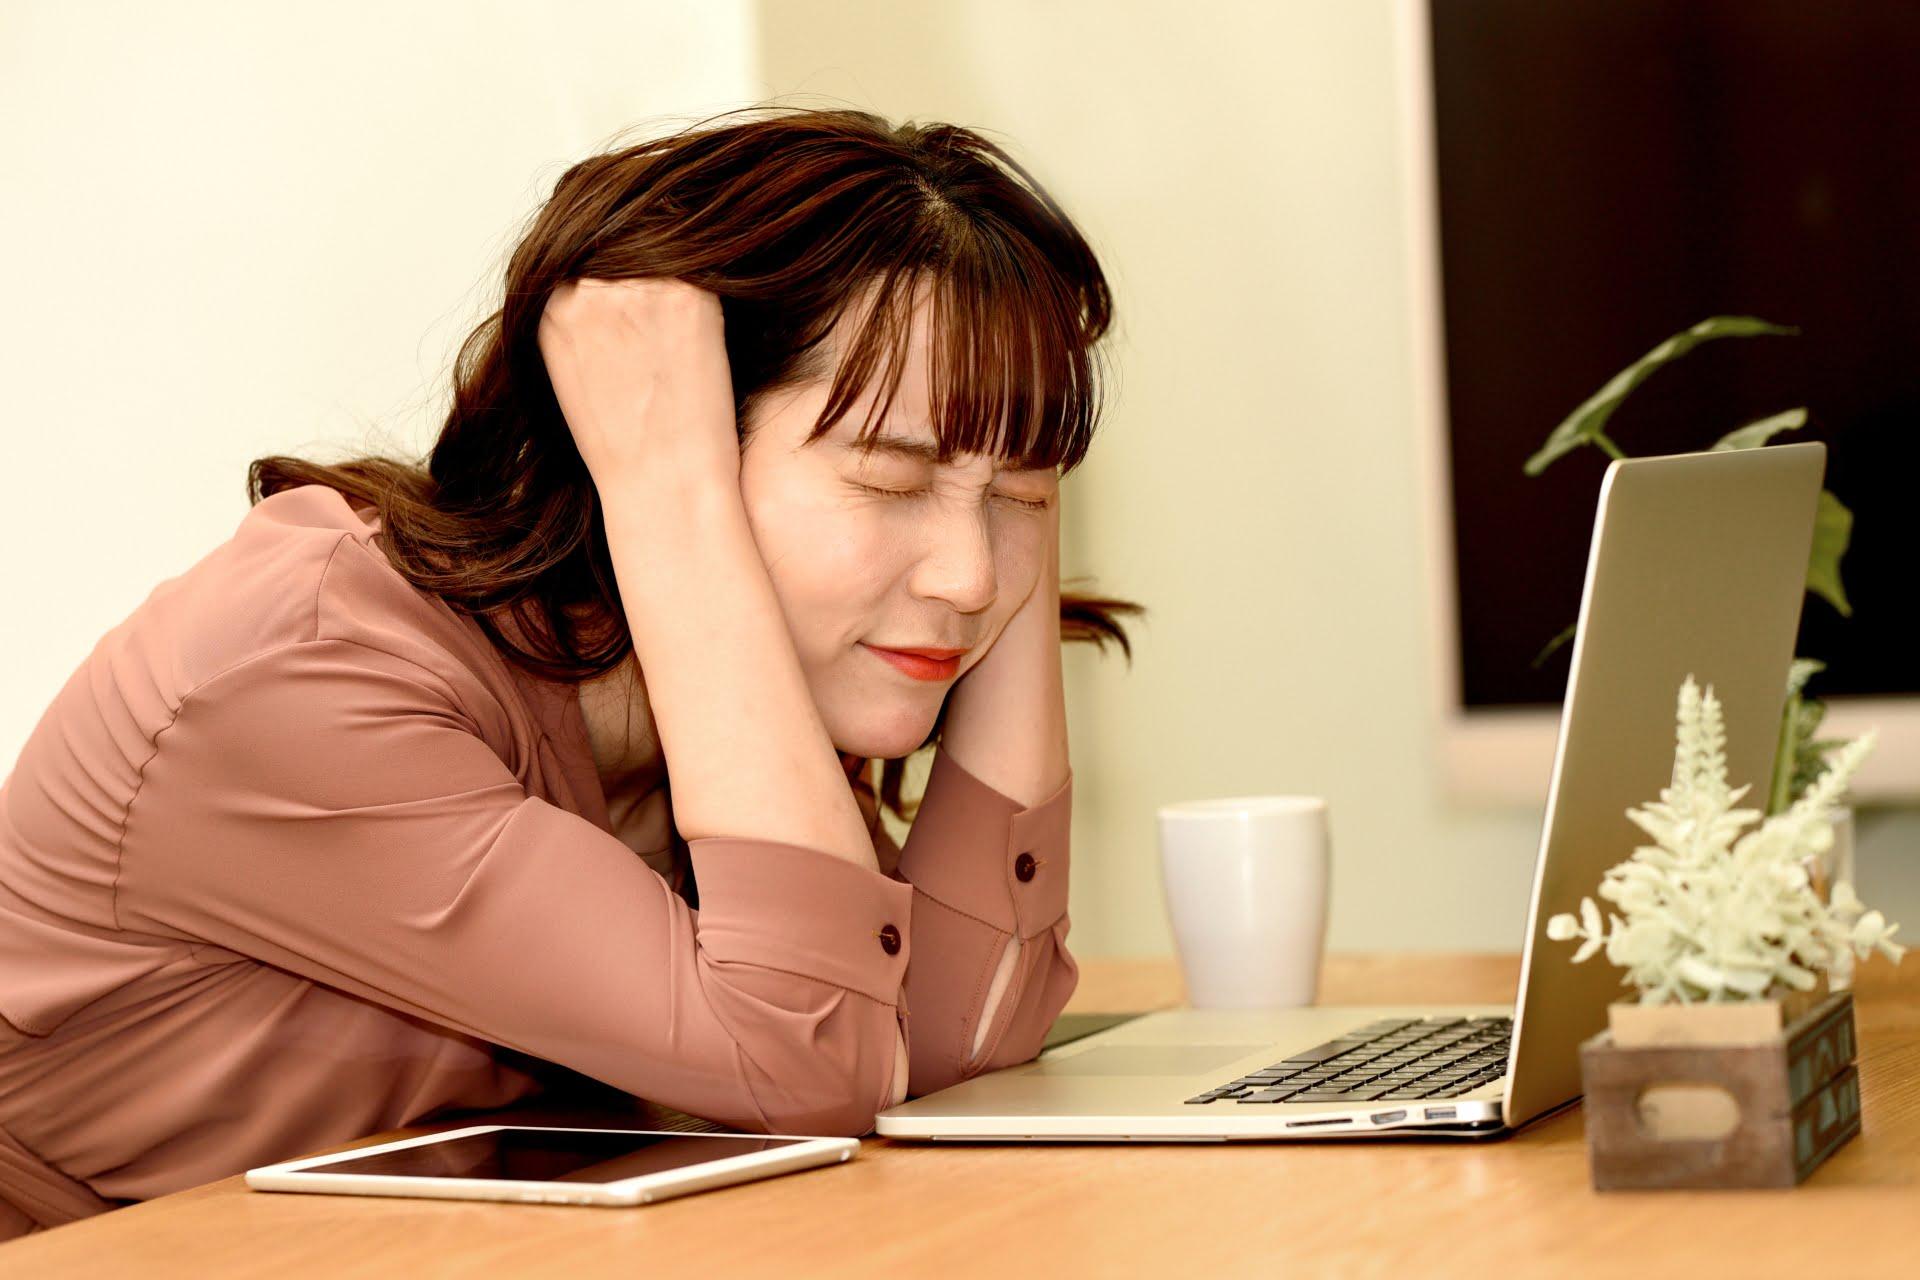 「てにをは」とは|使い方と「おかしい」と言われない勉強方法を解説 | Writing tips Hub